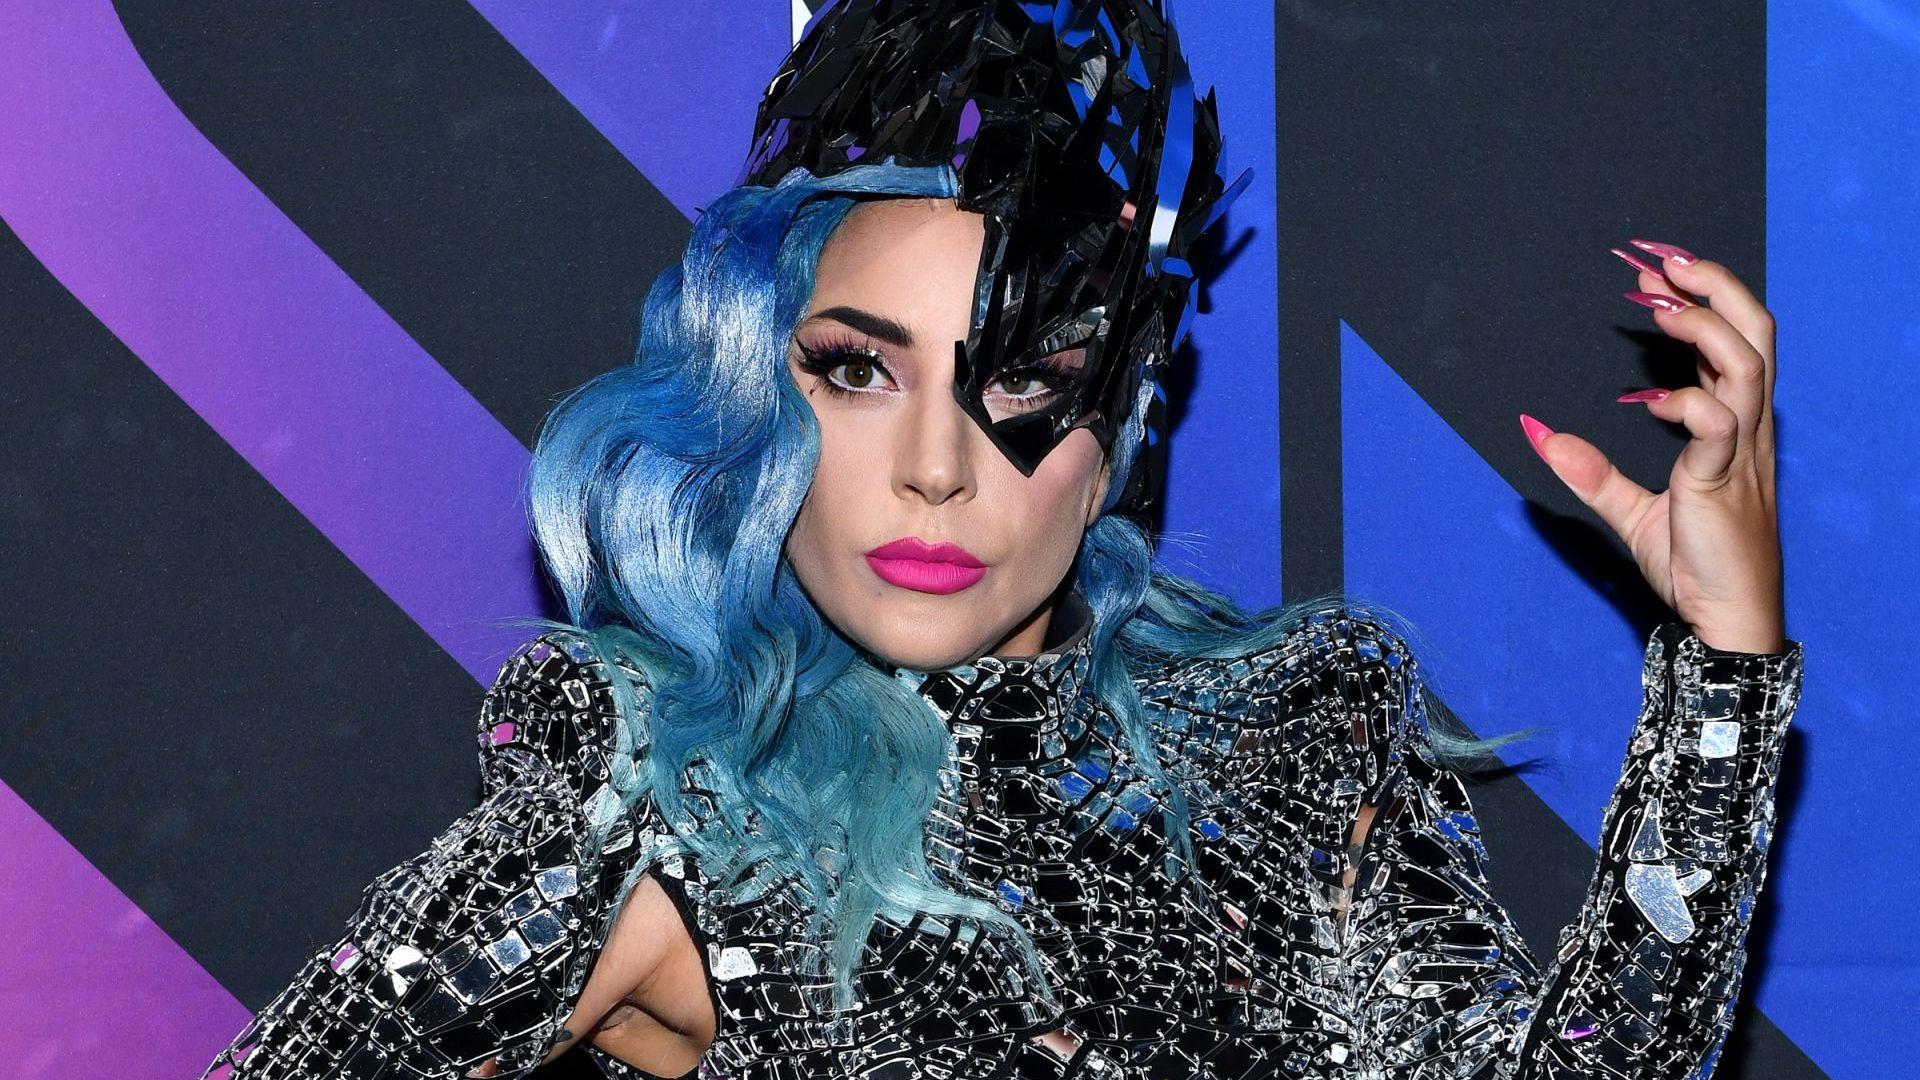 """Лейди Гага - името на нов вид насекомо със """"смахнат"""" усет за мода (снимка)"""